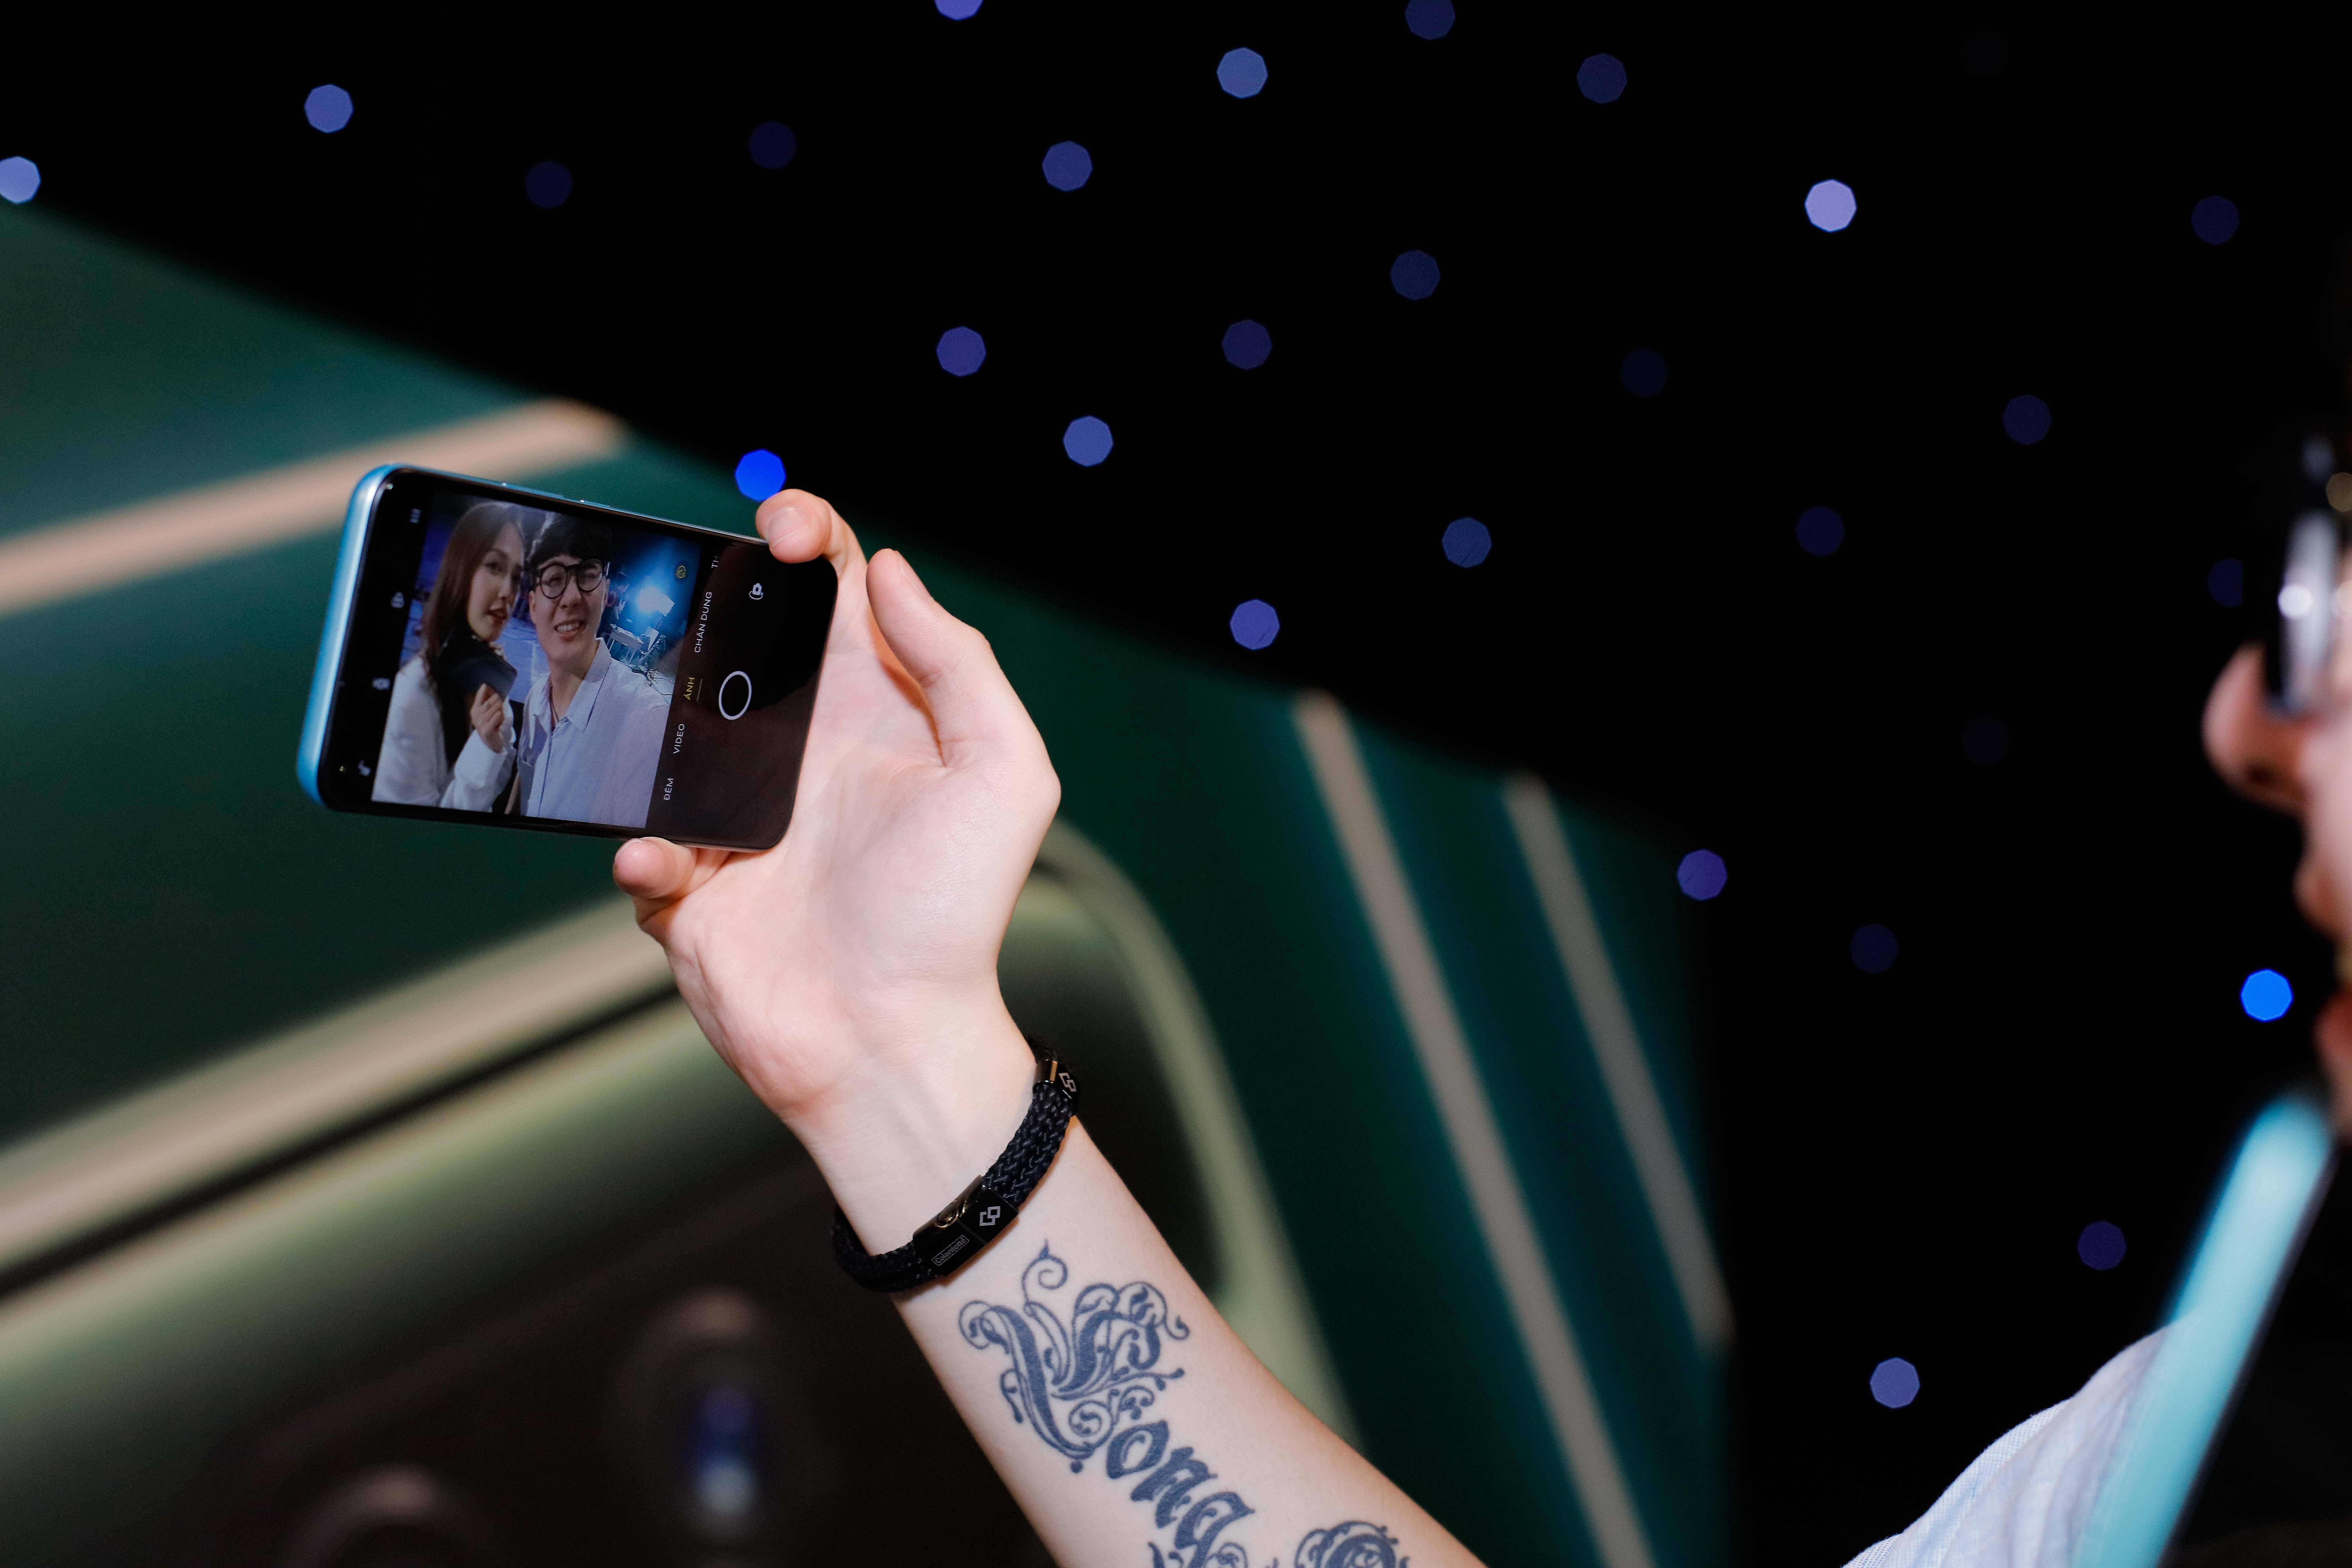 Realme 7i chính thức ra mắt, tăng cường AI camera, giá 6,29 triệu đồng - Ảnh 5.